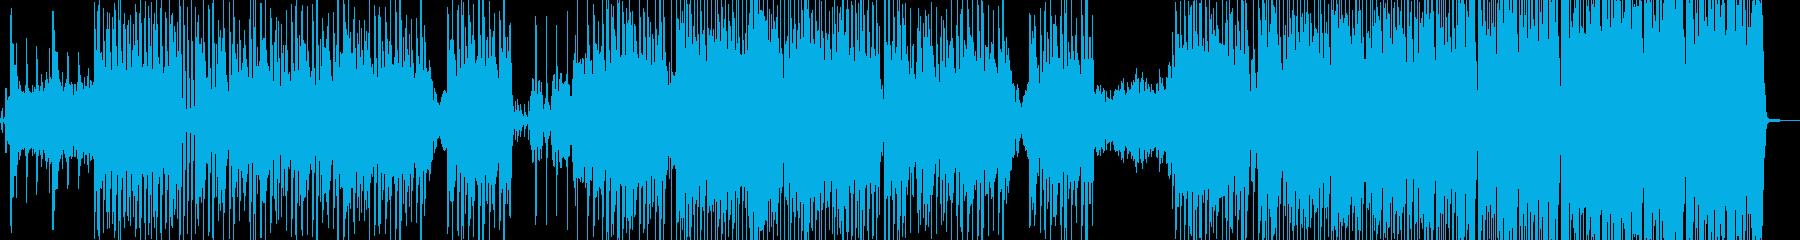 男女の口論をイメージ・ヒップホップ 長尺の再生済みの波形